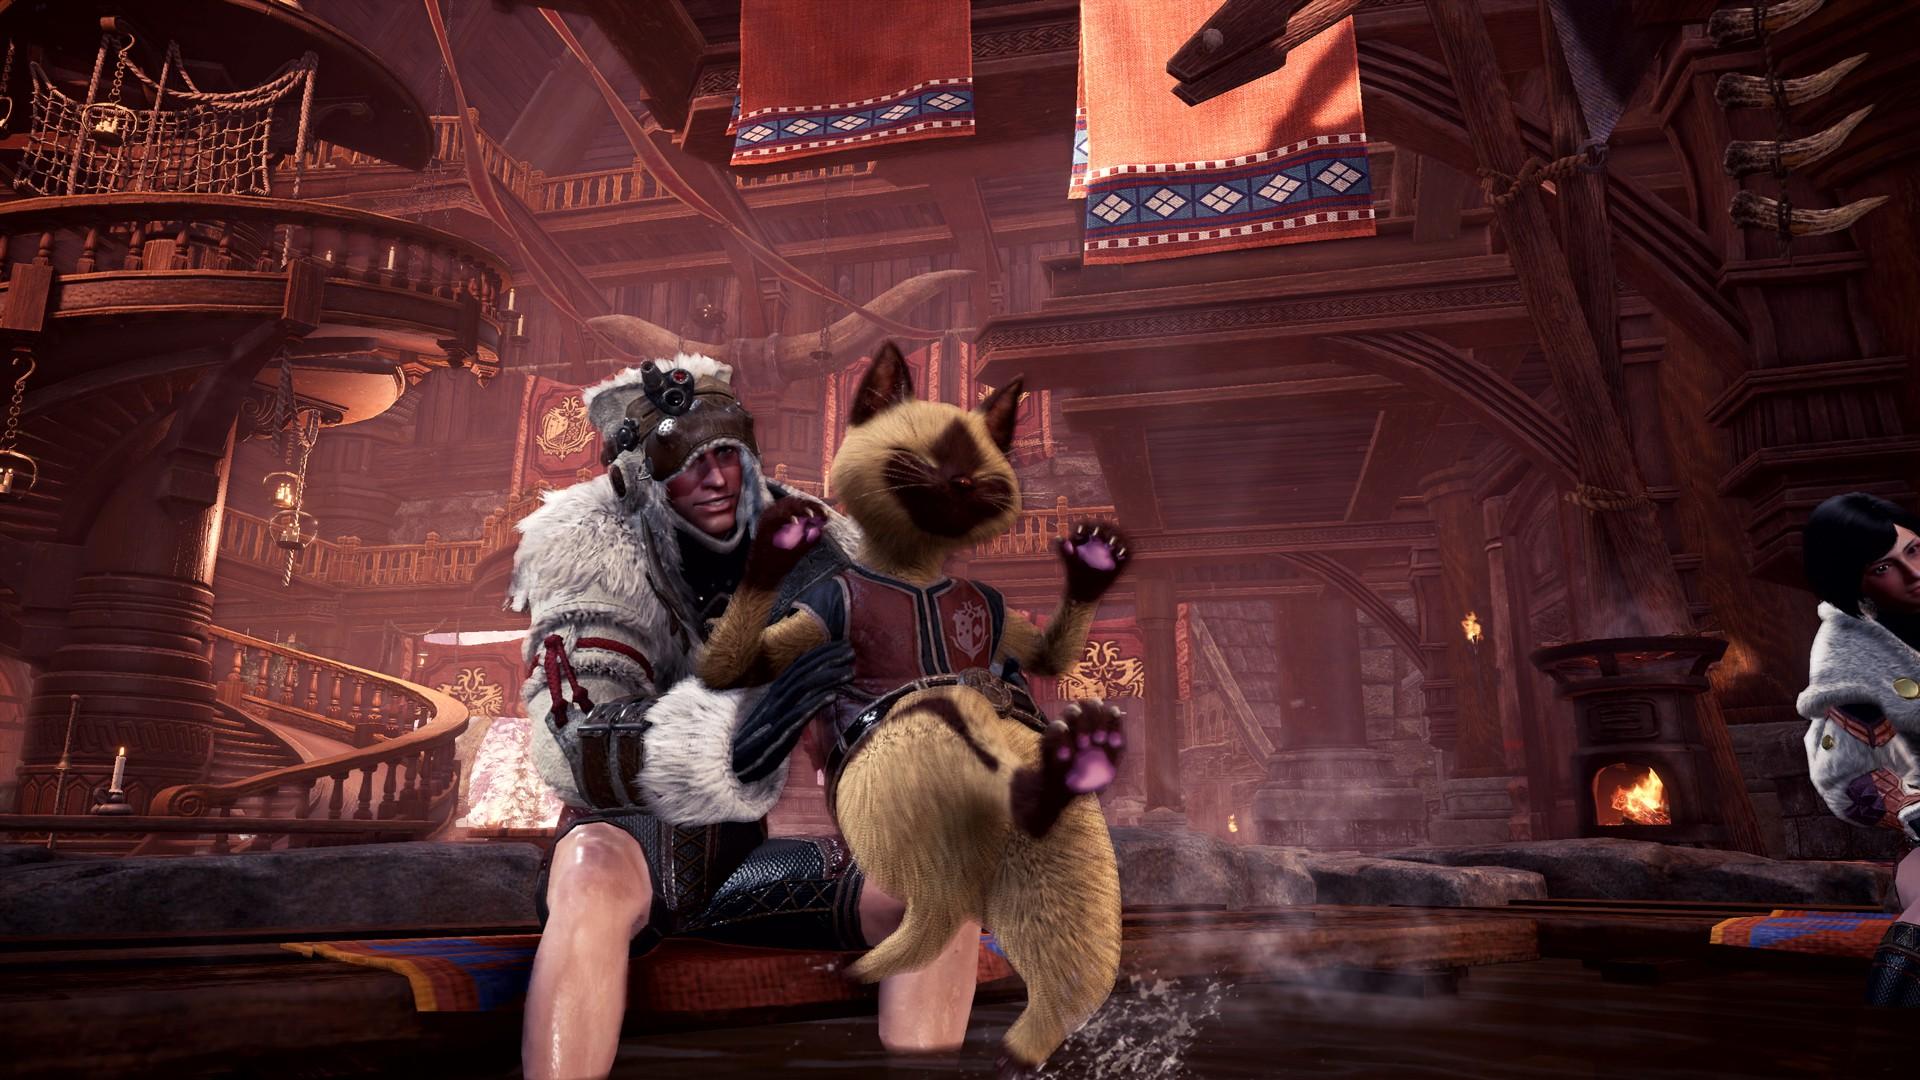 《怪物猎人世界:冰原》新图 斩龙雷鄂龙凶爪龙霸气